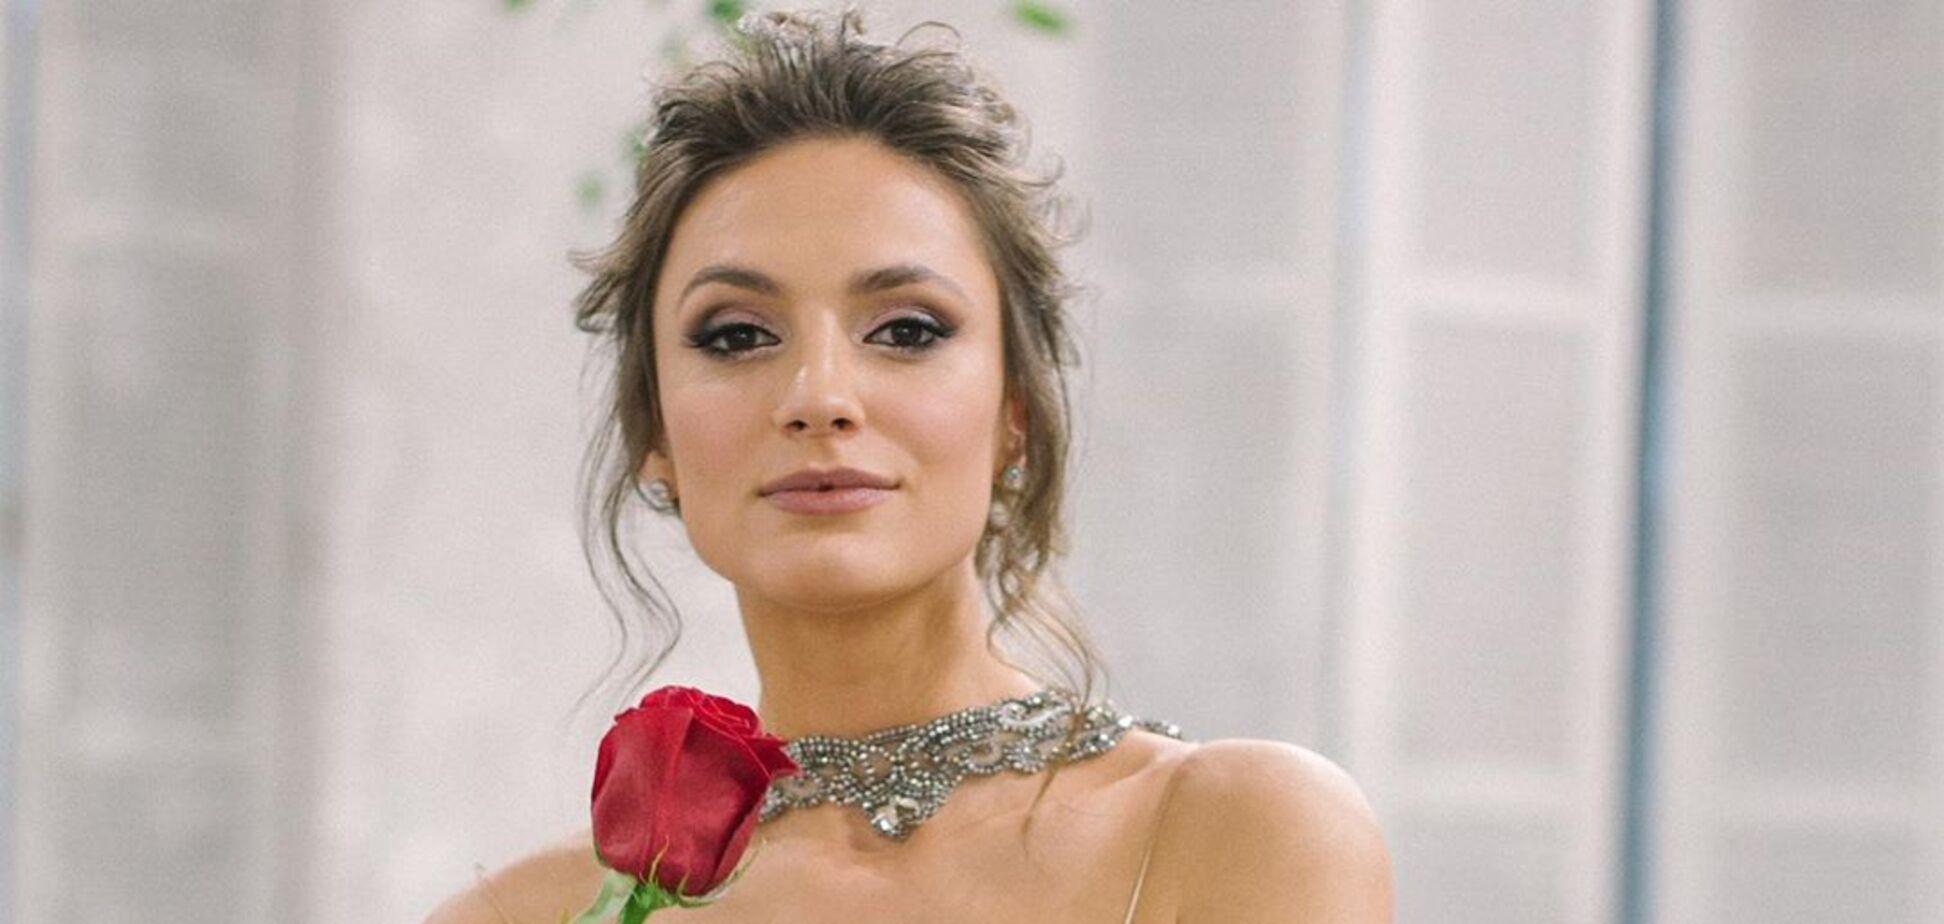 Финалистка шоу 'Холостяк-10' Дана Оханская заинтриговала рассказом о свадебном платье